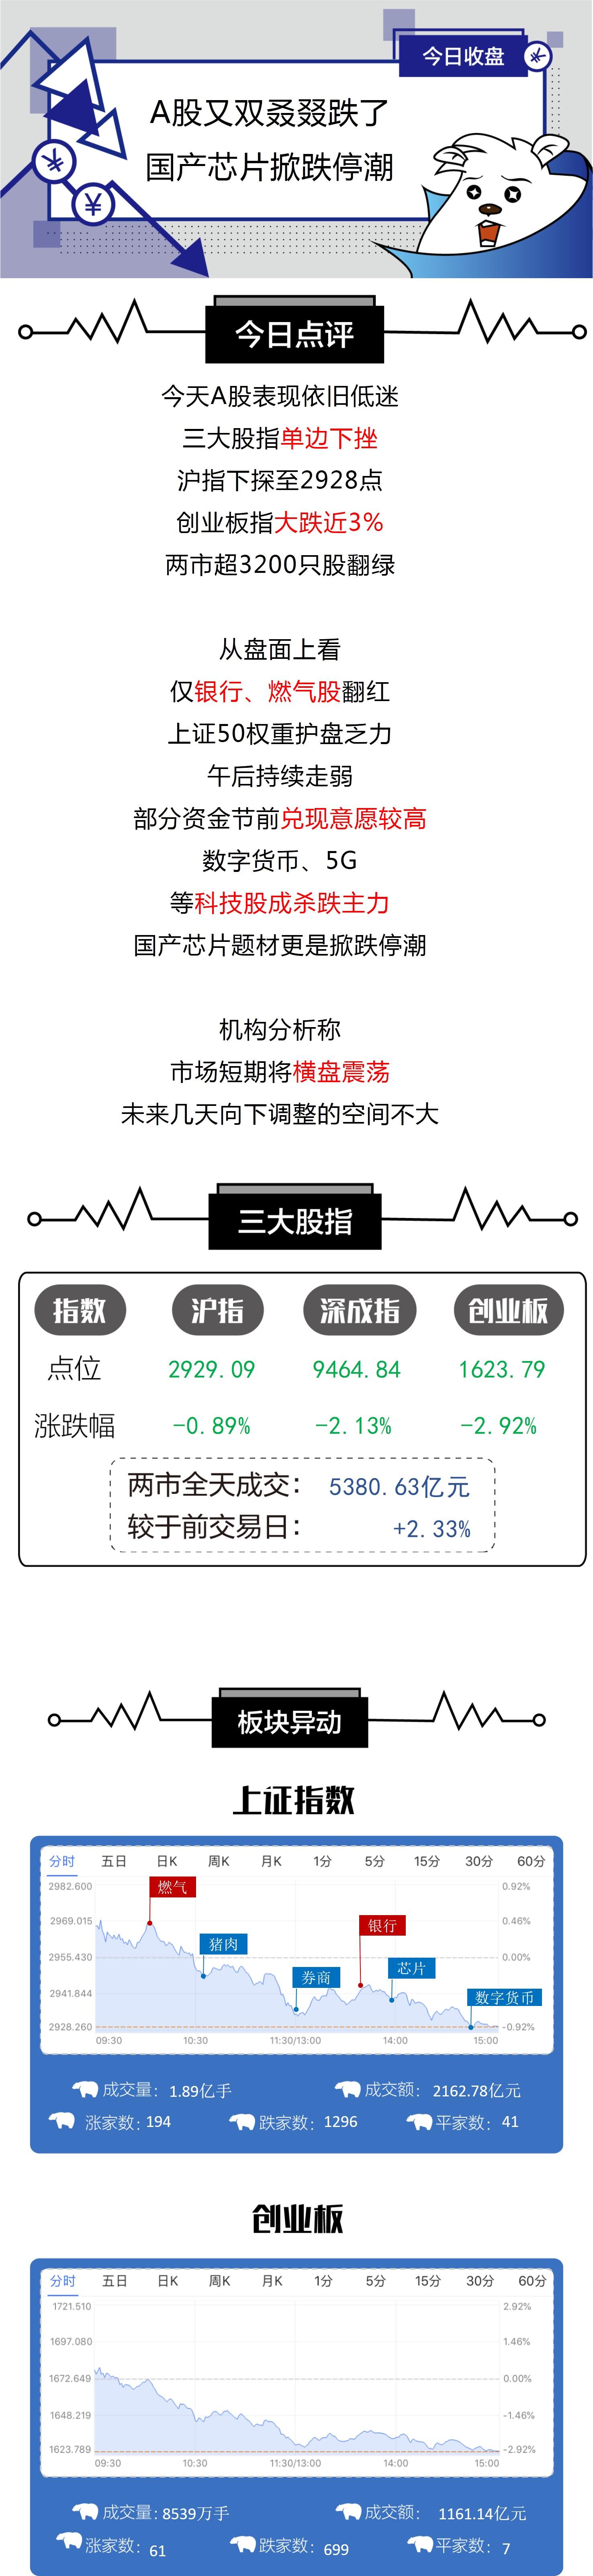 """""""千乘一号01星""""顺利升空 创投""""抢位""""商业航天"""